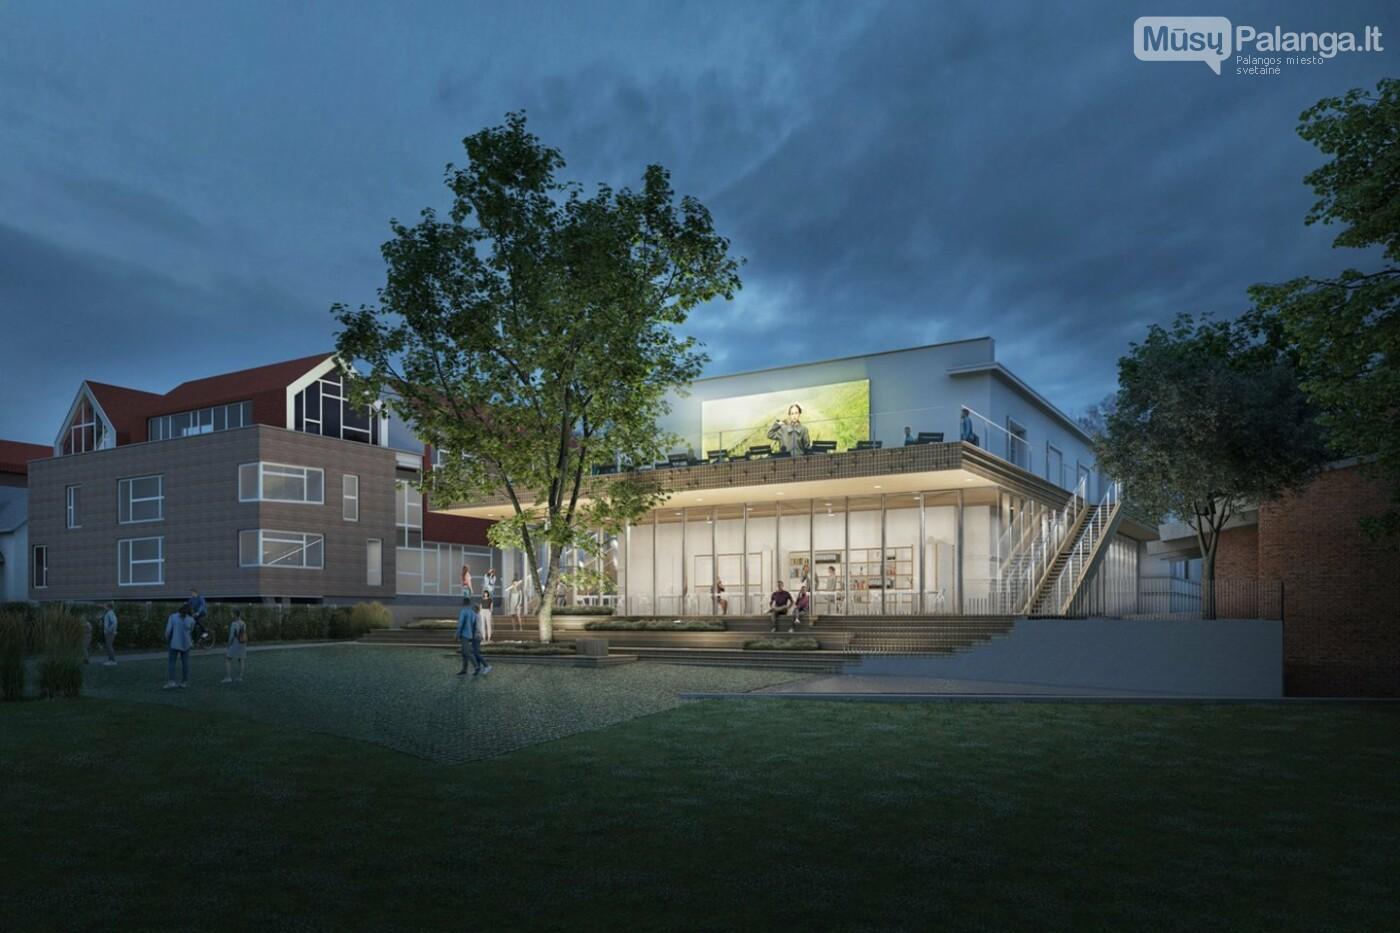 Valdiškų tarnybų išbrokuotą legendinio kino teatro projektą architektai Palangai tiesiog padovanojo , nuotrauka-2